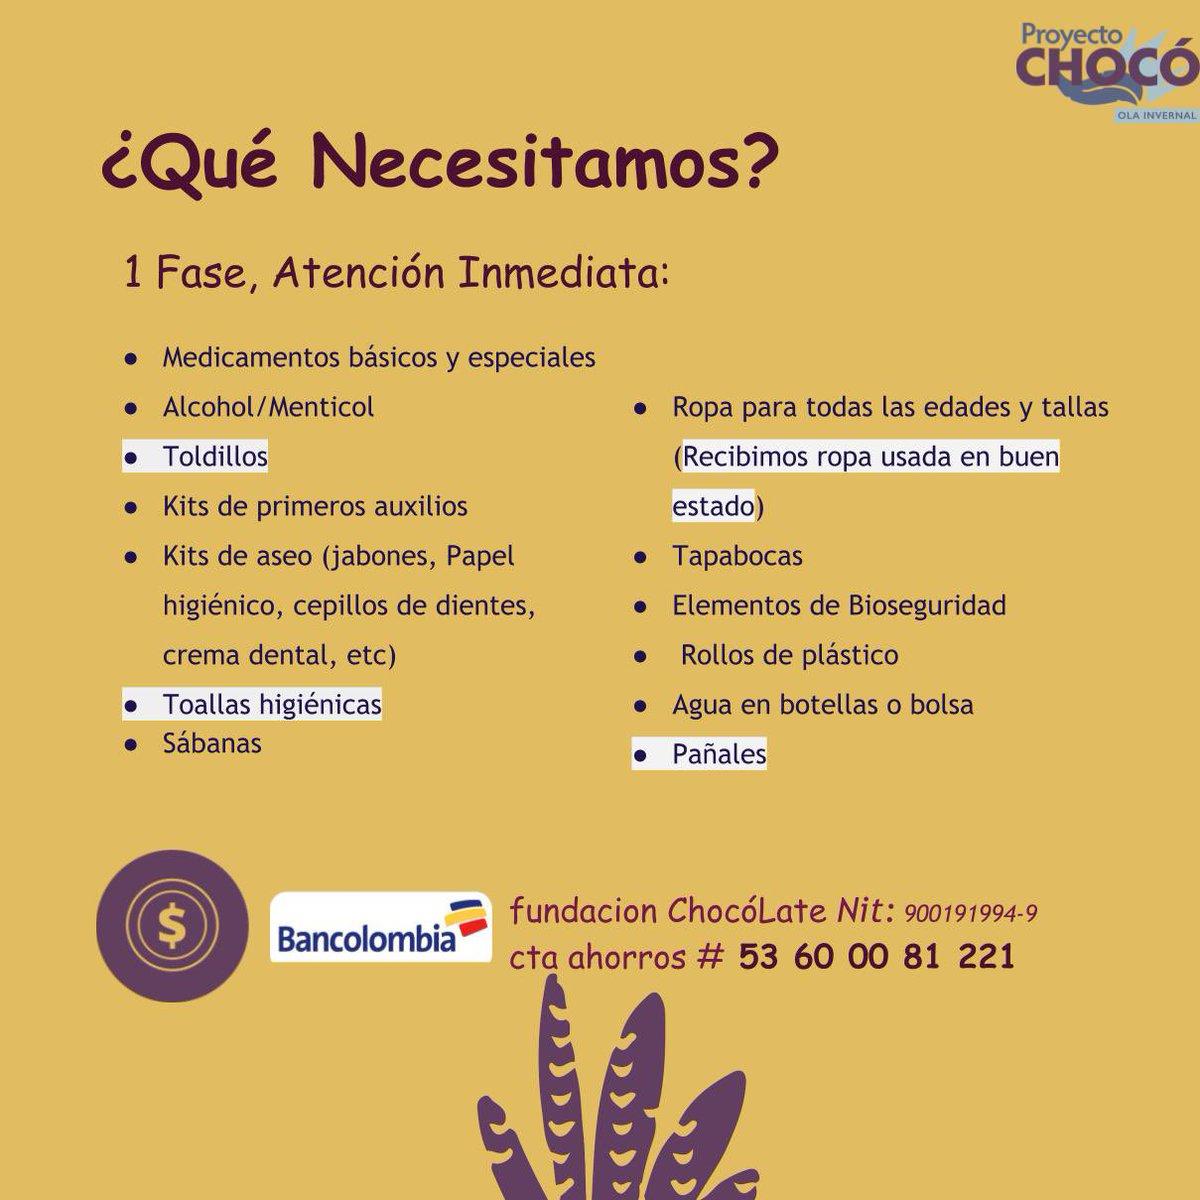 ¡Así vamos! ¡Gracias!  Seguimos recibiendo donaciones en especie en Bogotá, Medellín, Cali y Quibdó.  Hoy hacemos un llamado especial para la donación de implementos de cocina para las familias que lo perdieron todo.    #Chocó #Olainvernal #ProyectoChocó #covid19 #SOSChocó